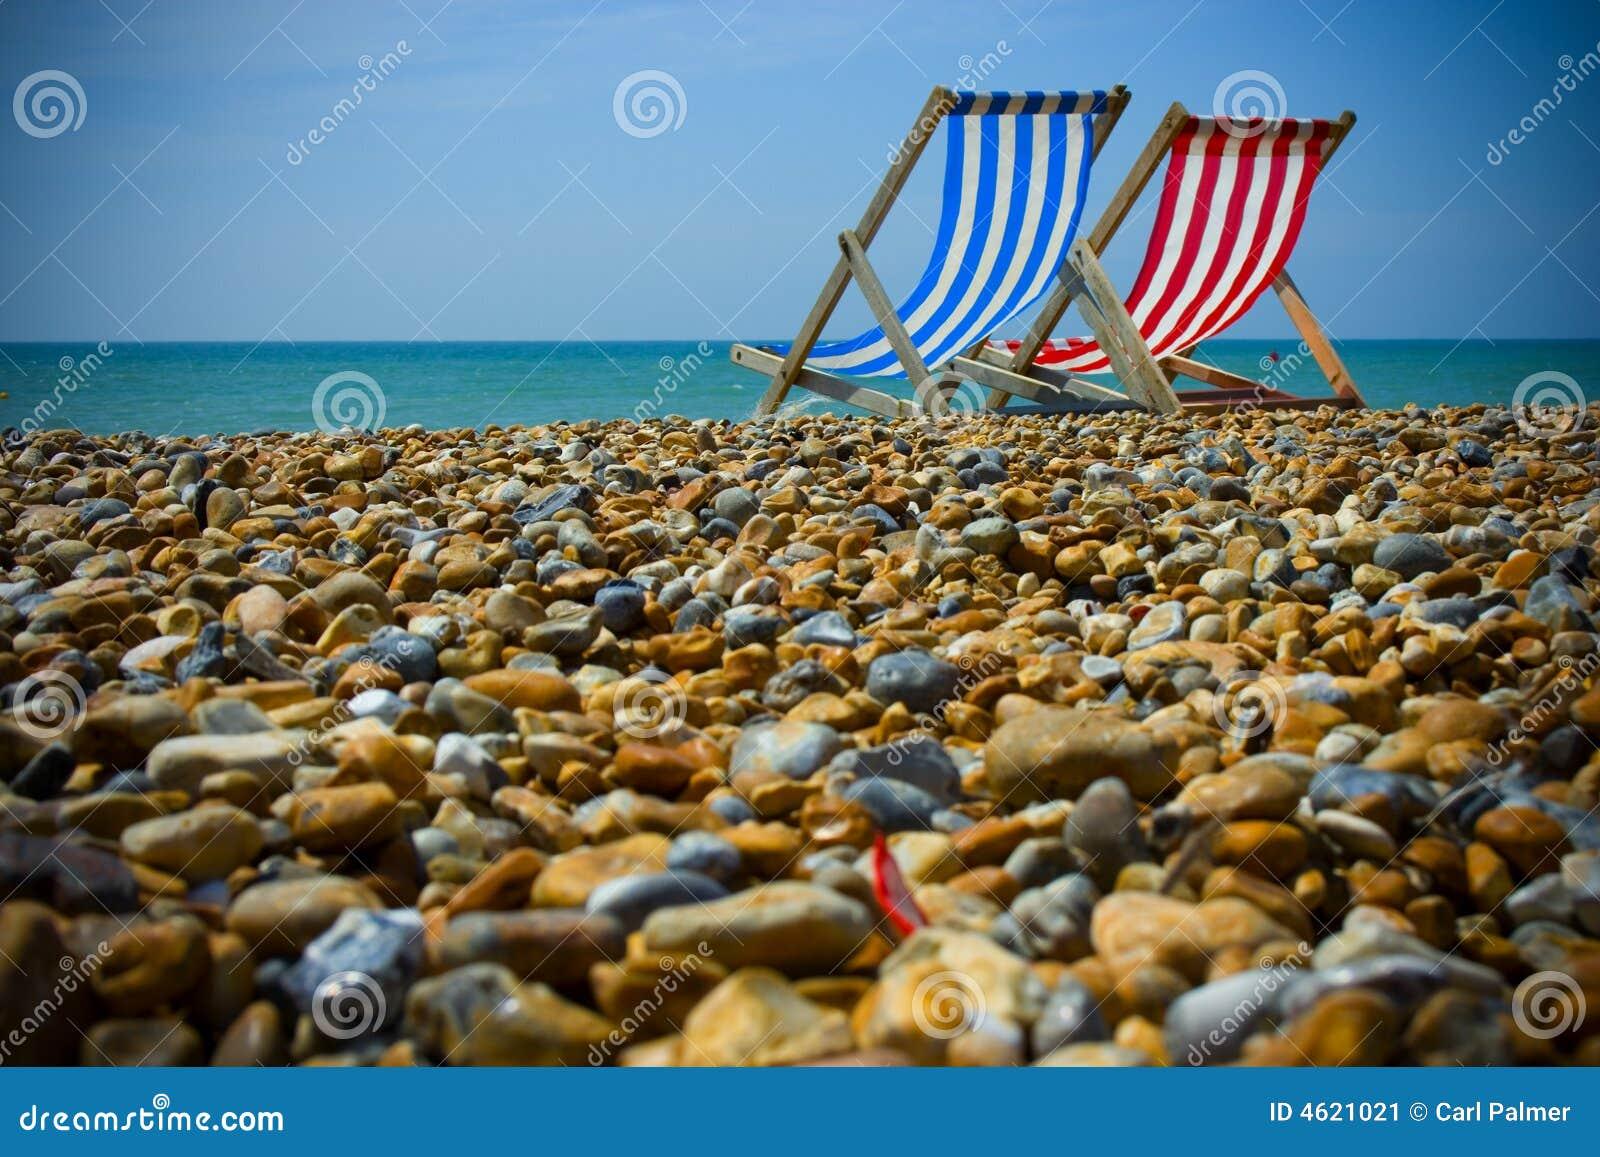 Spiaggia di Brighton.